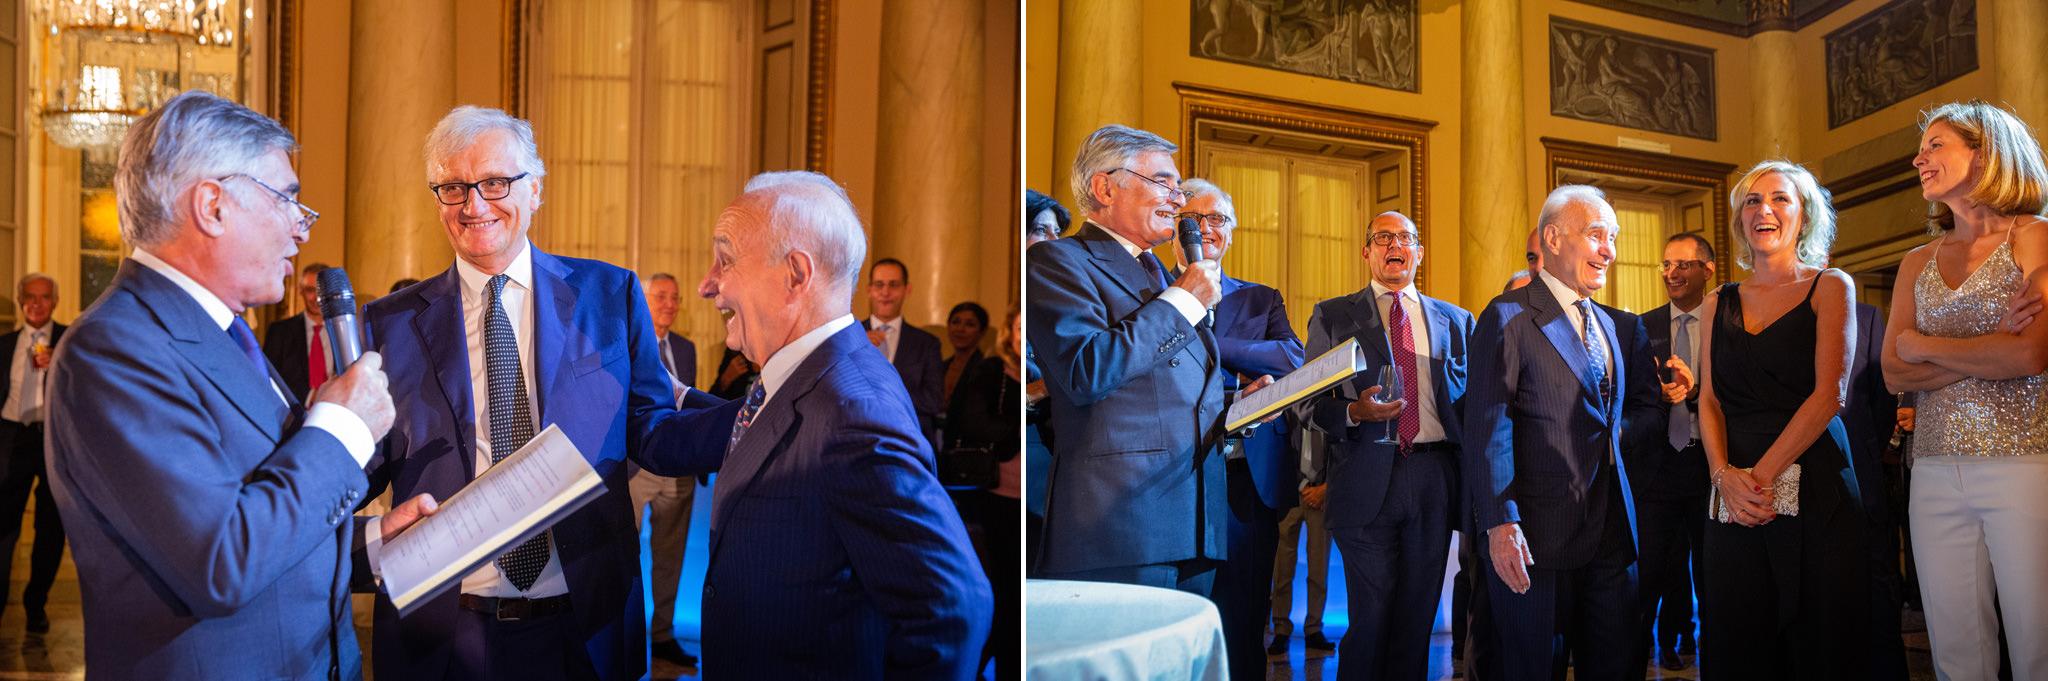 L'avvocato Enrico Raffaelli invita tutti i componenti dello studio legale per congratularsi